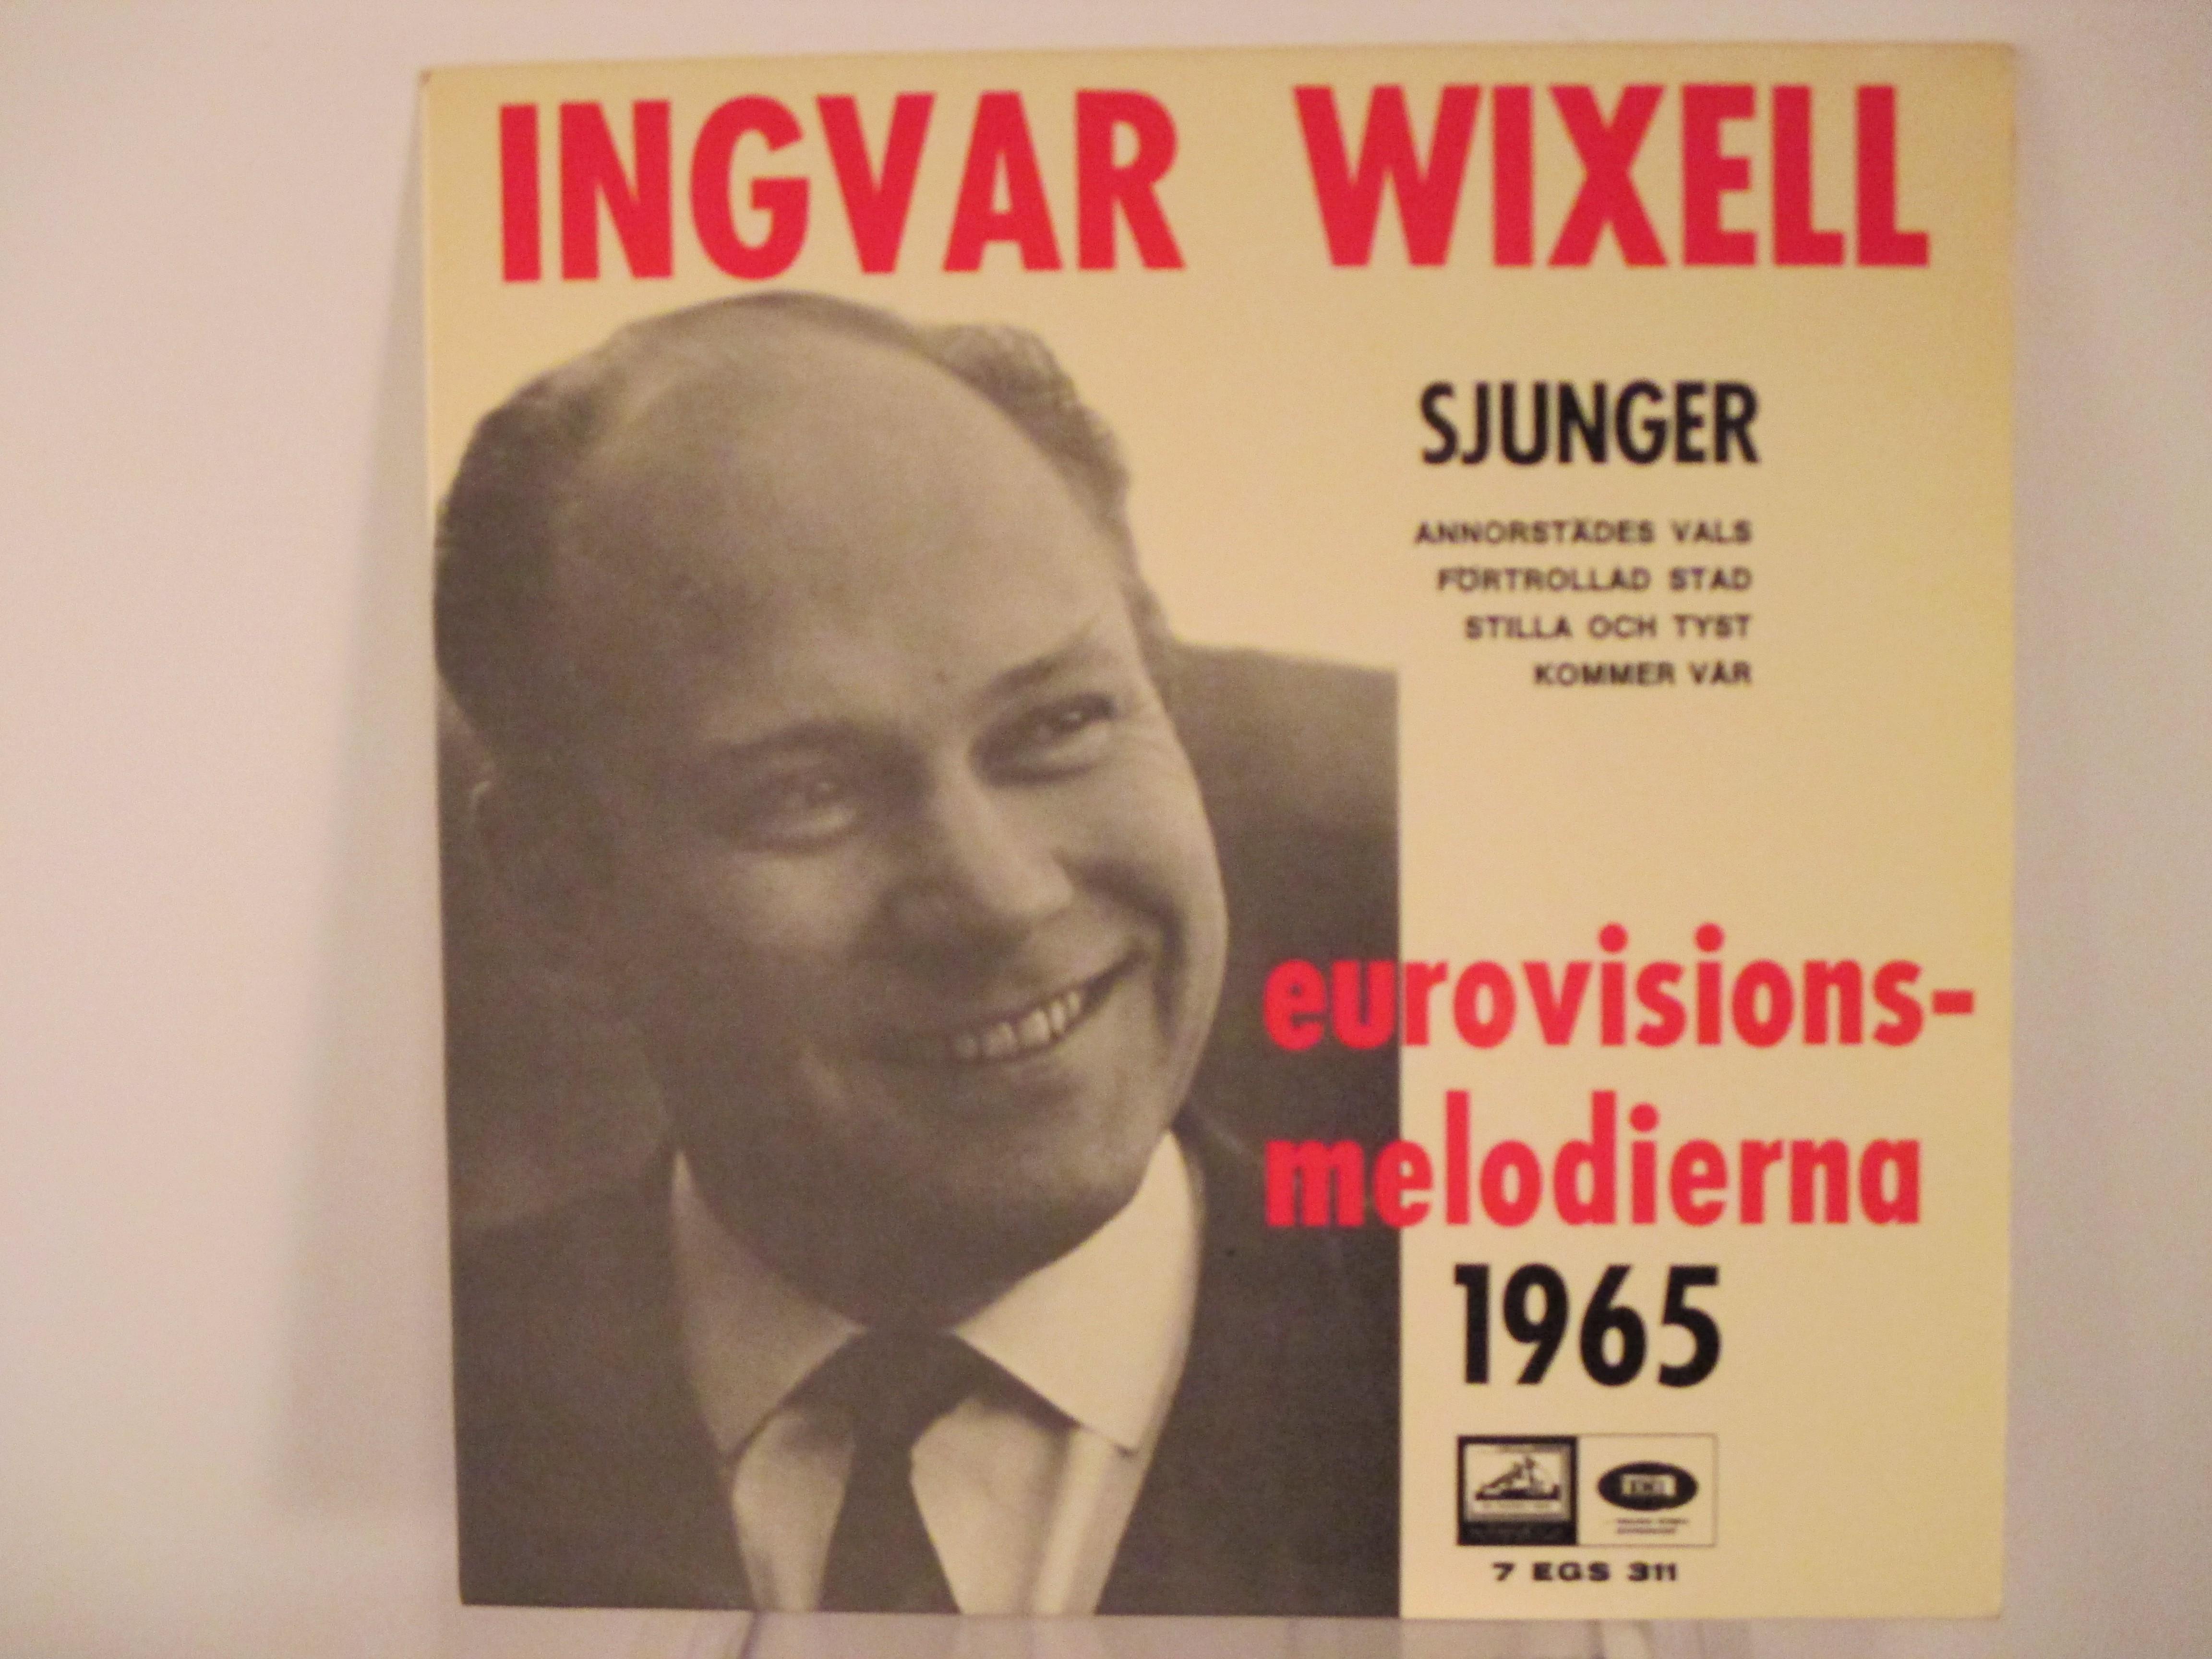 INGVAR WIXELL : (EP) Annorstädes vals / Förtrollad stad / Stilla och tyst / Kommer vår